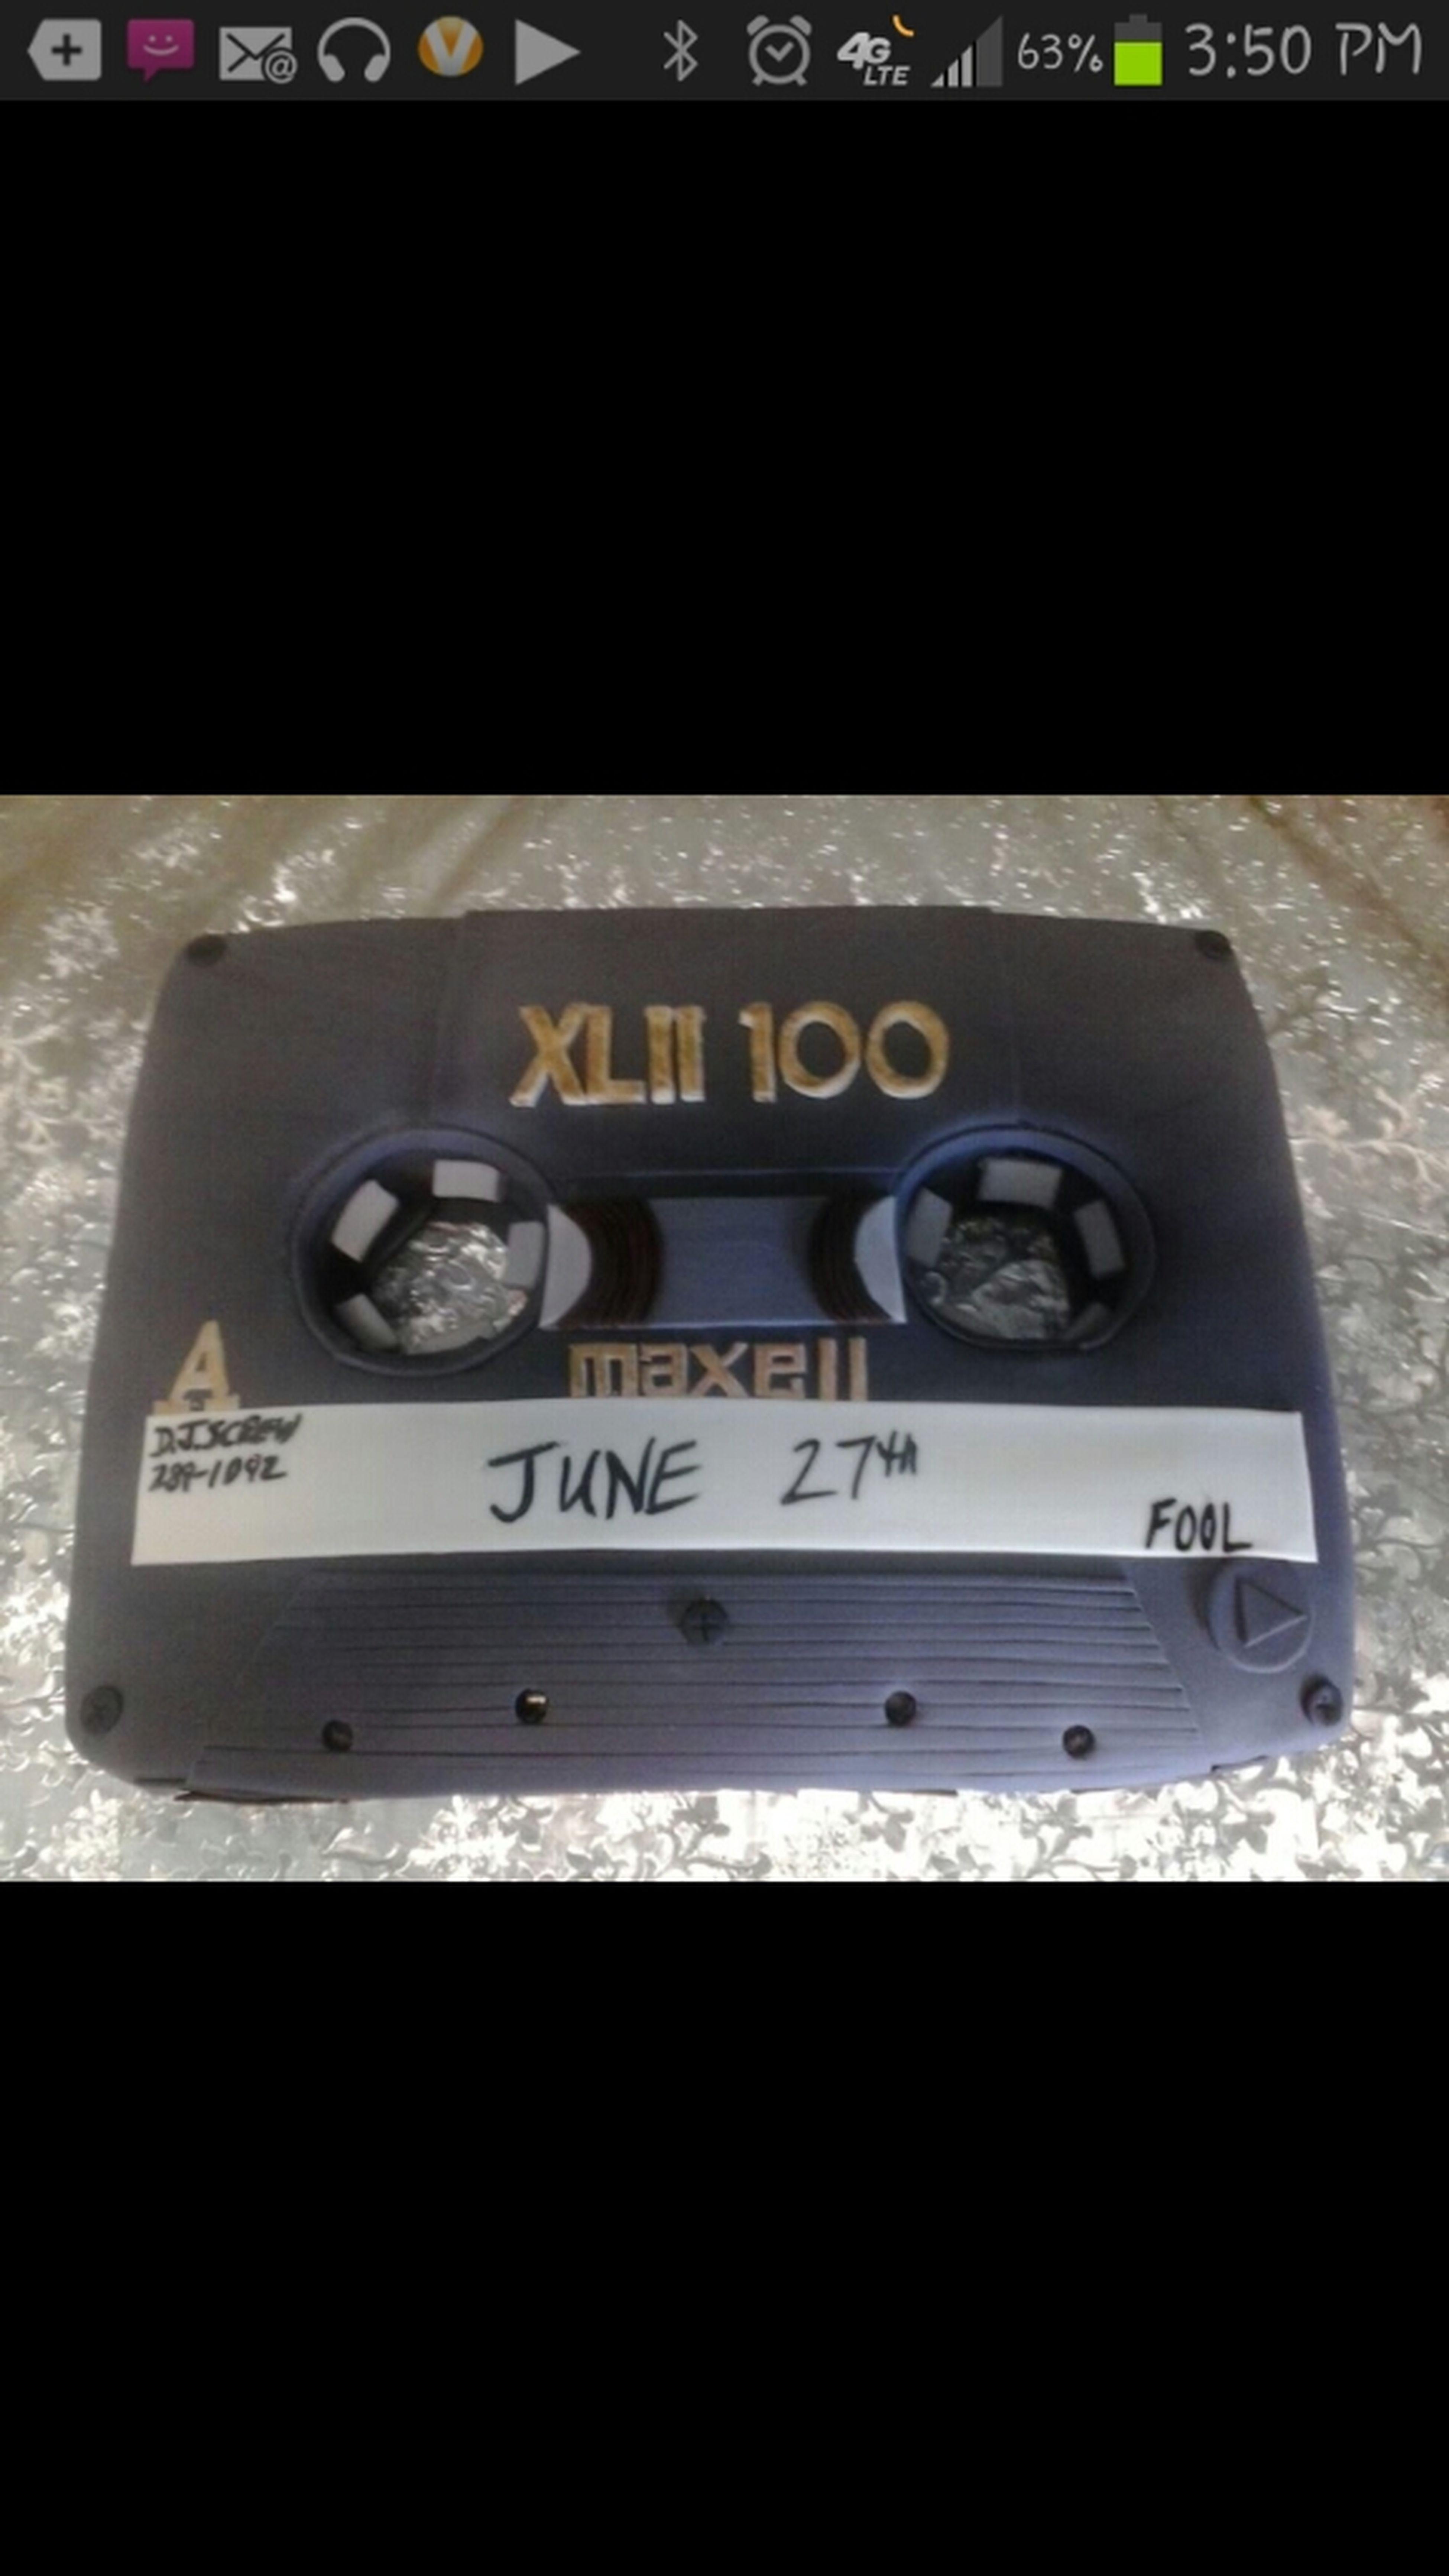 June 27th Tape Cake......